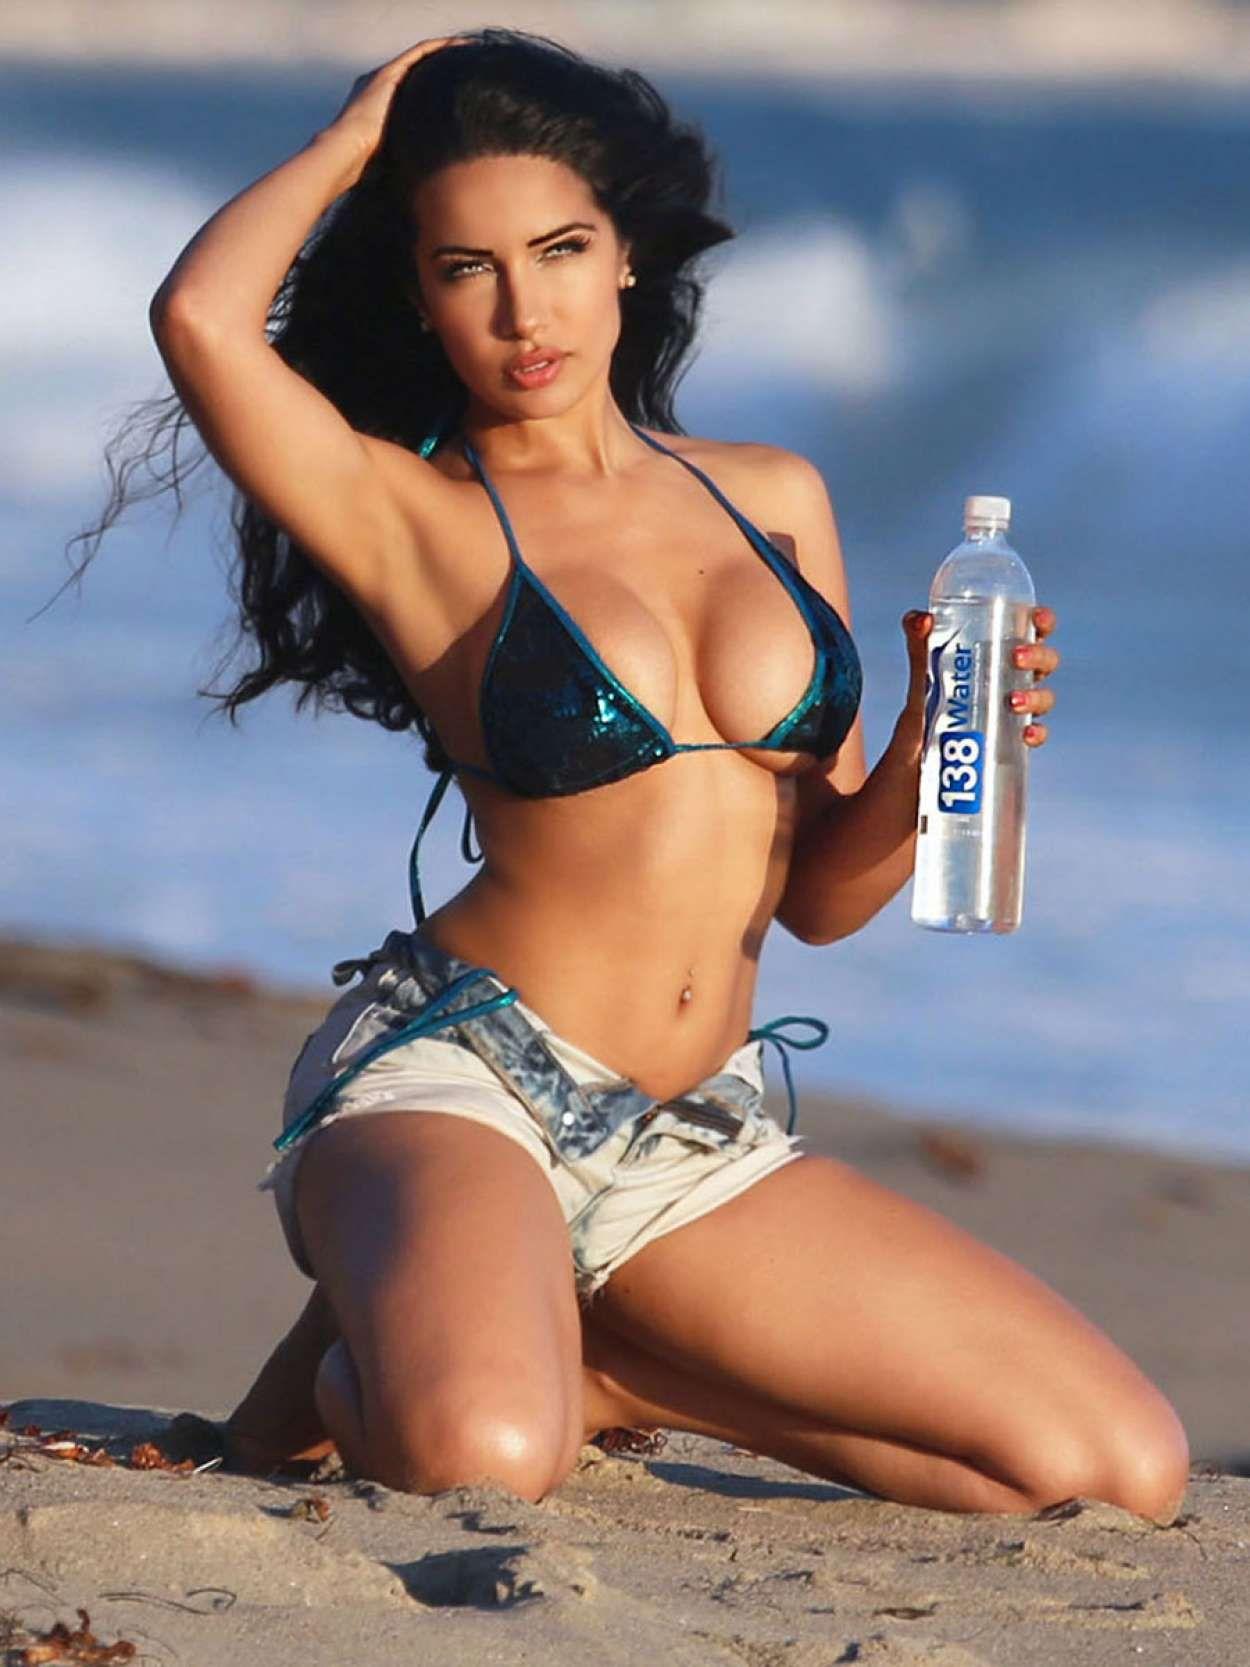 Instagram Yulianna Belyaeva nudes (75 foto and video), Topless, Bikini, Instagram, in bikini 2006